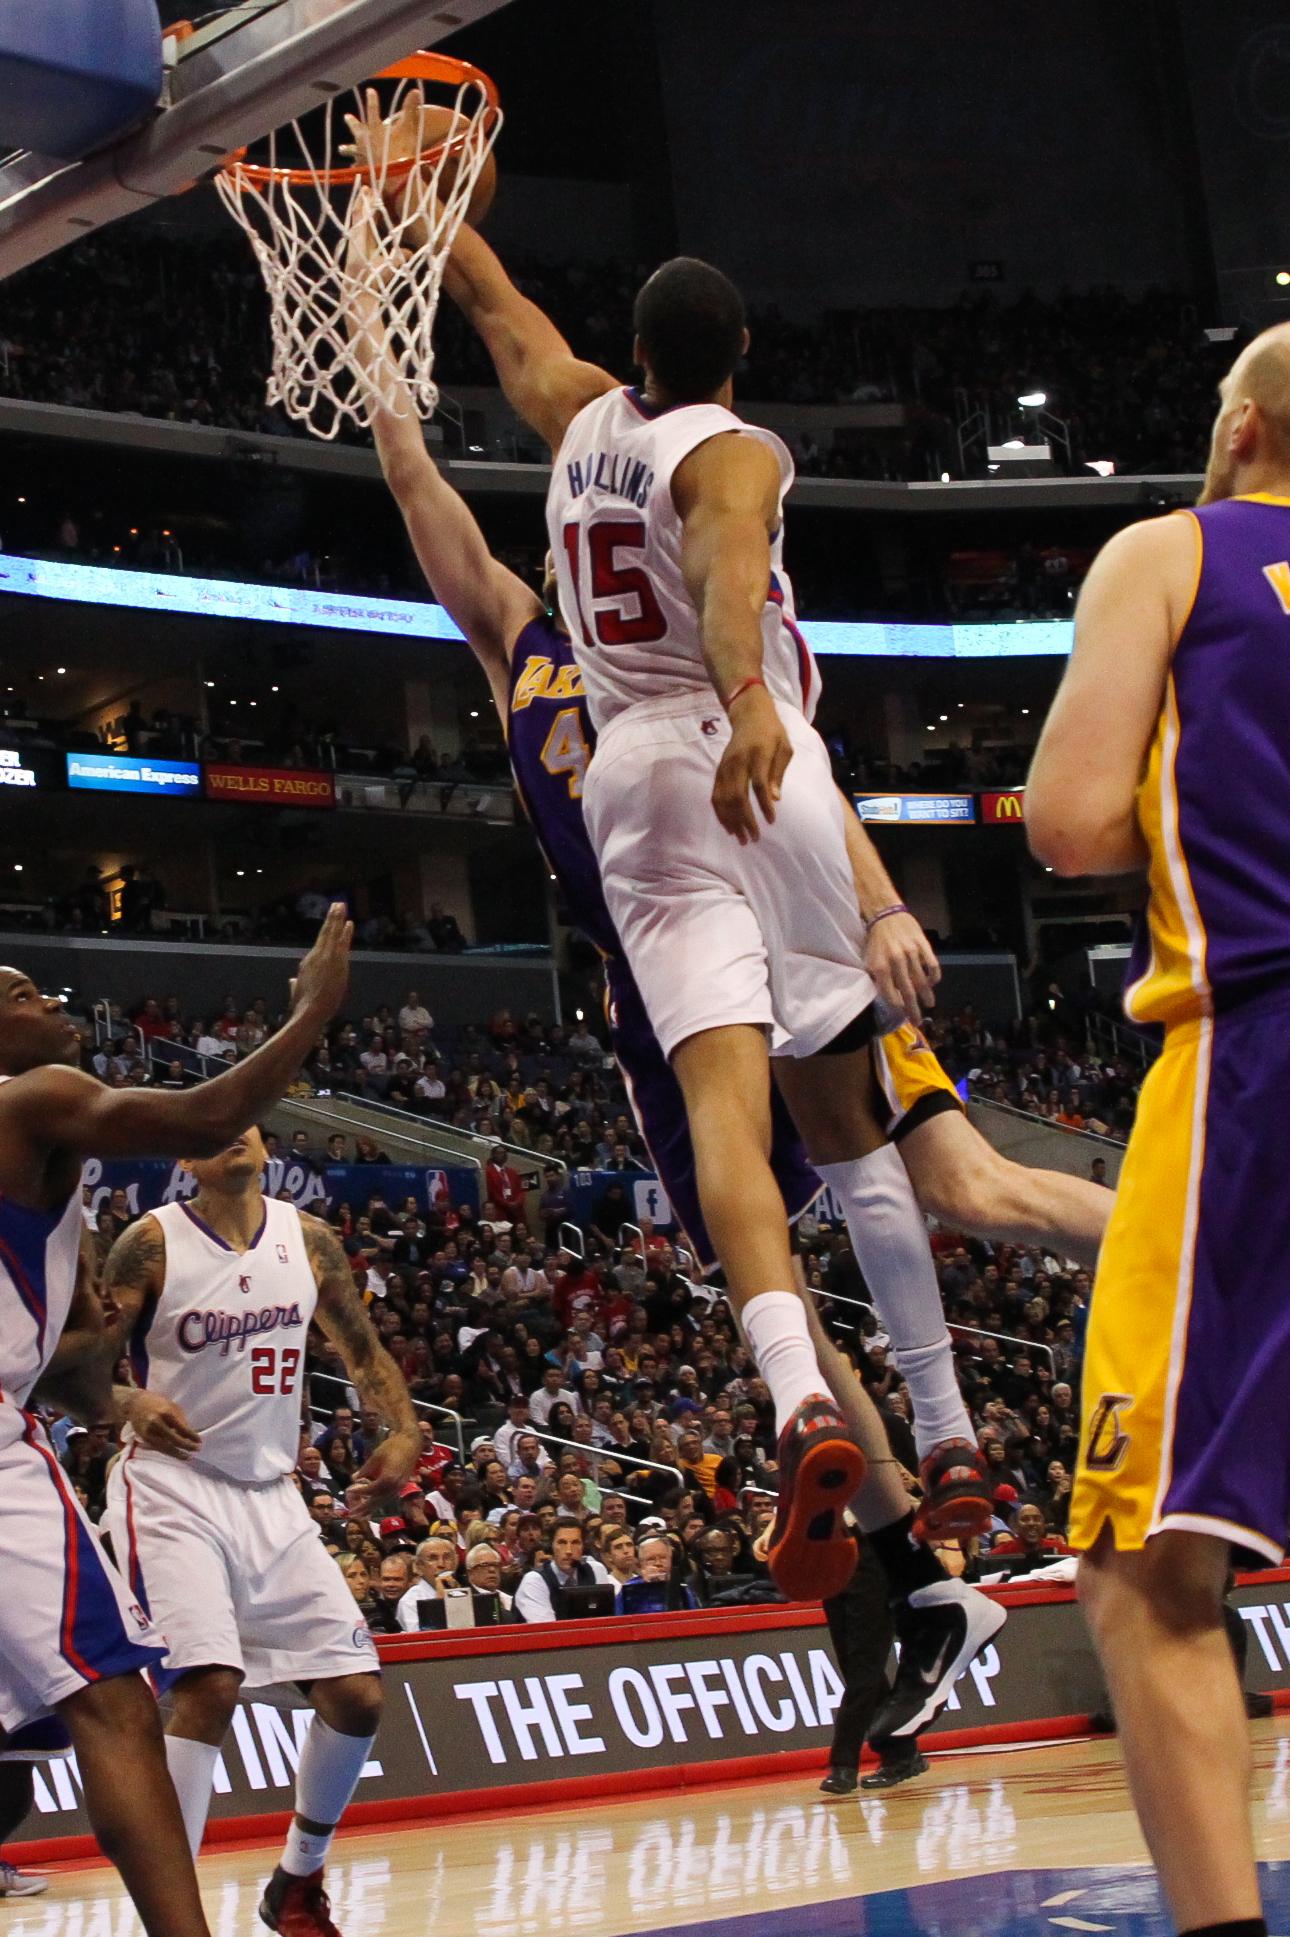 Photos by Varon P. Lakers-30.jpg